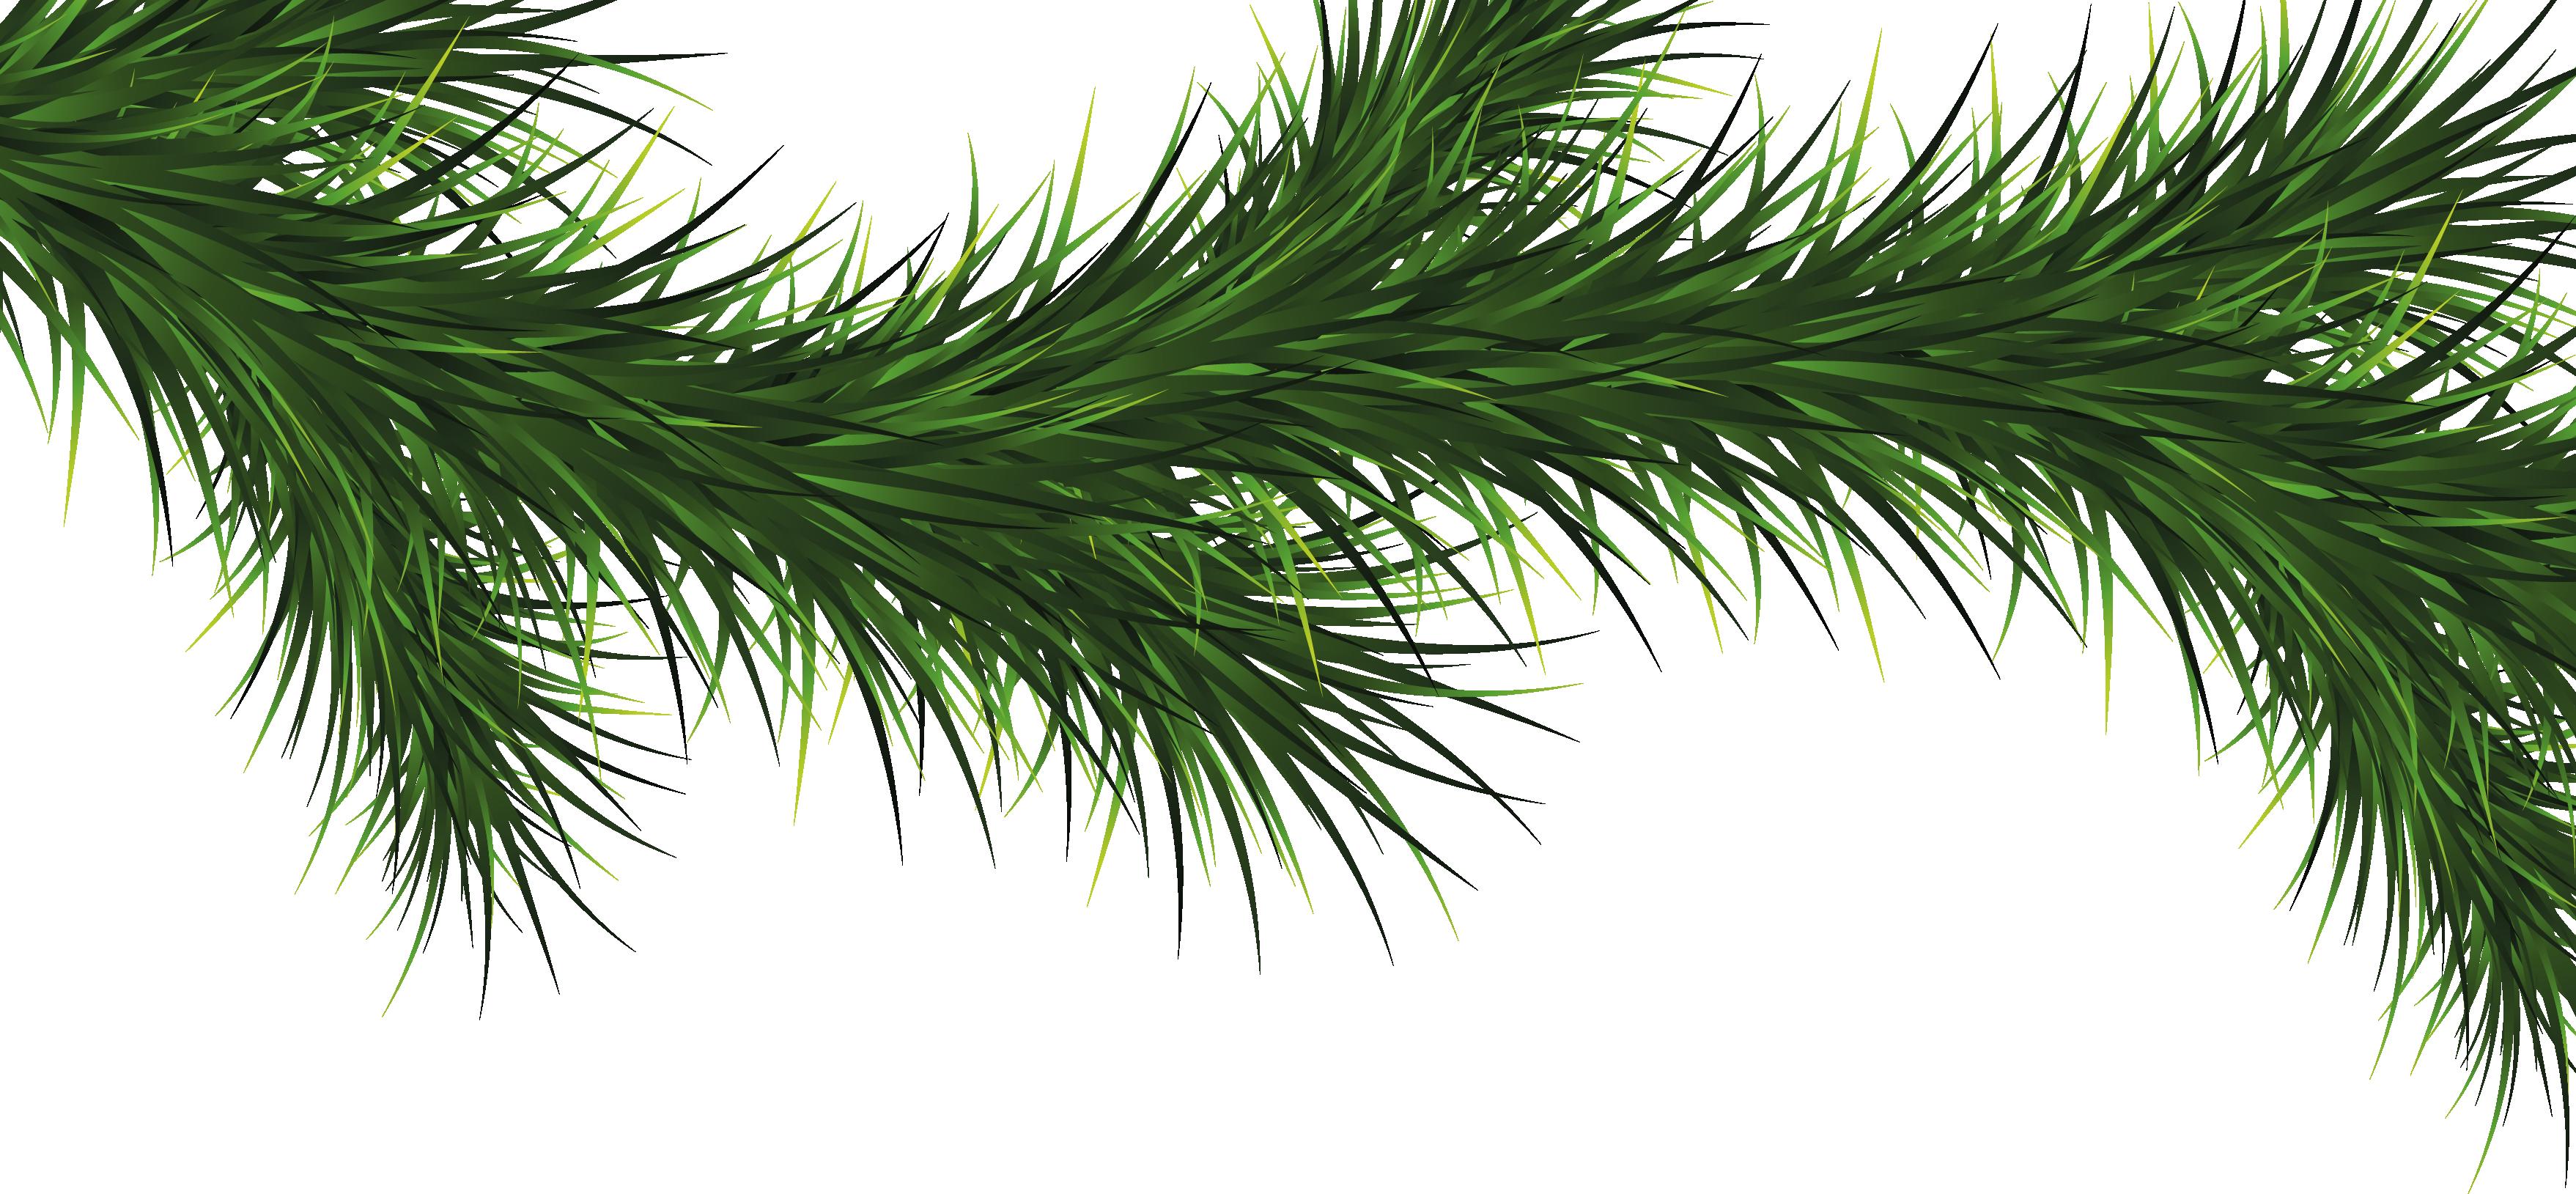 обычный картинка веточка елки на прозрачном фоне требует